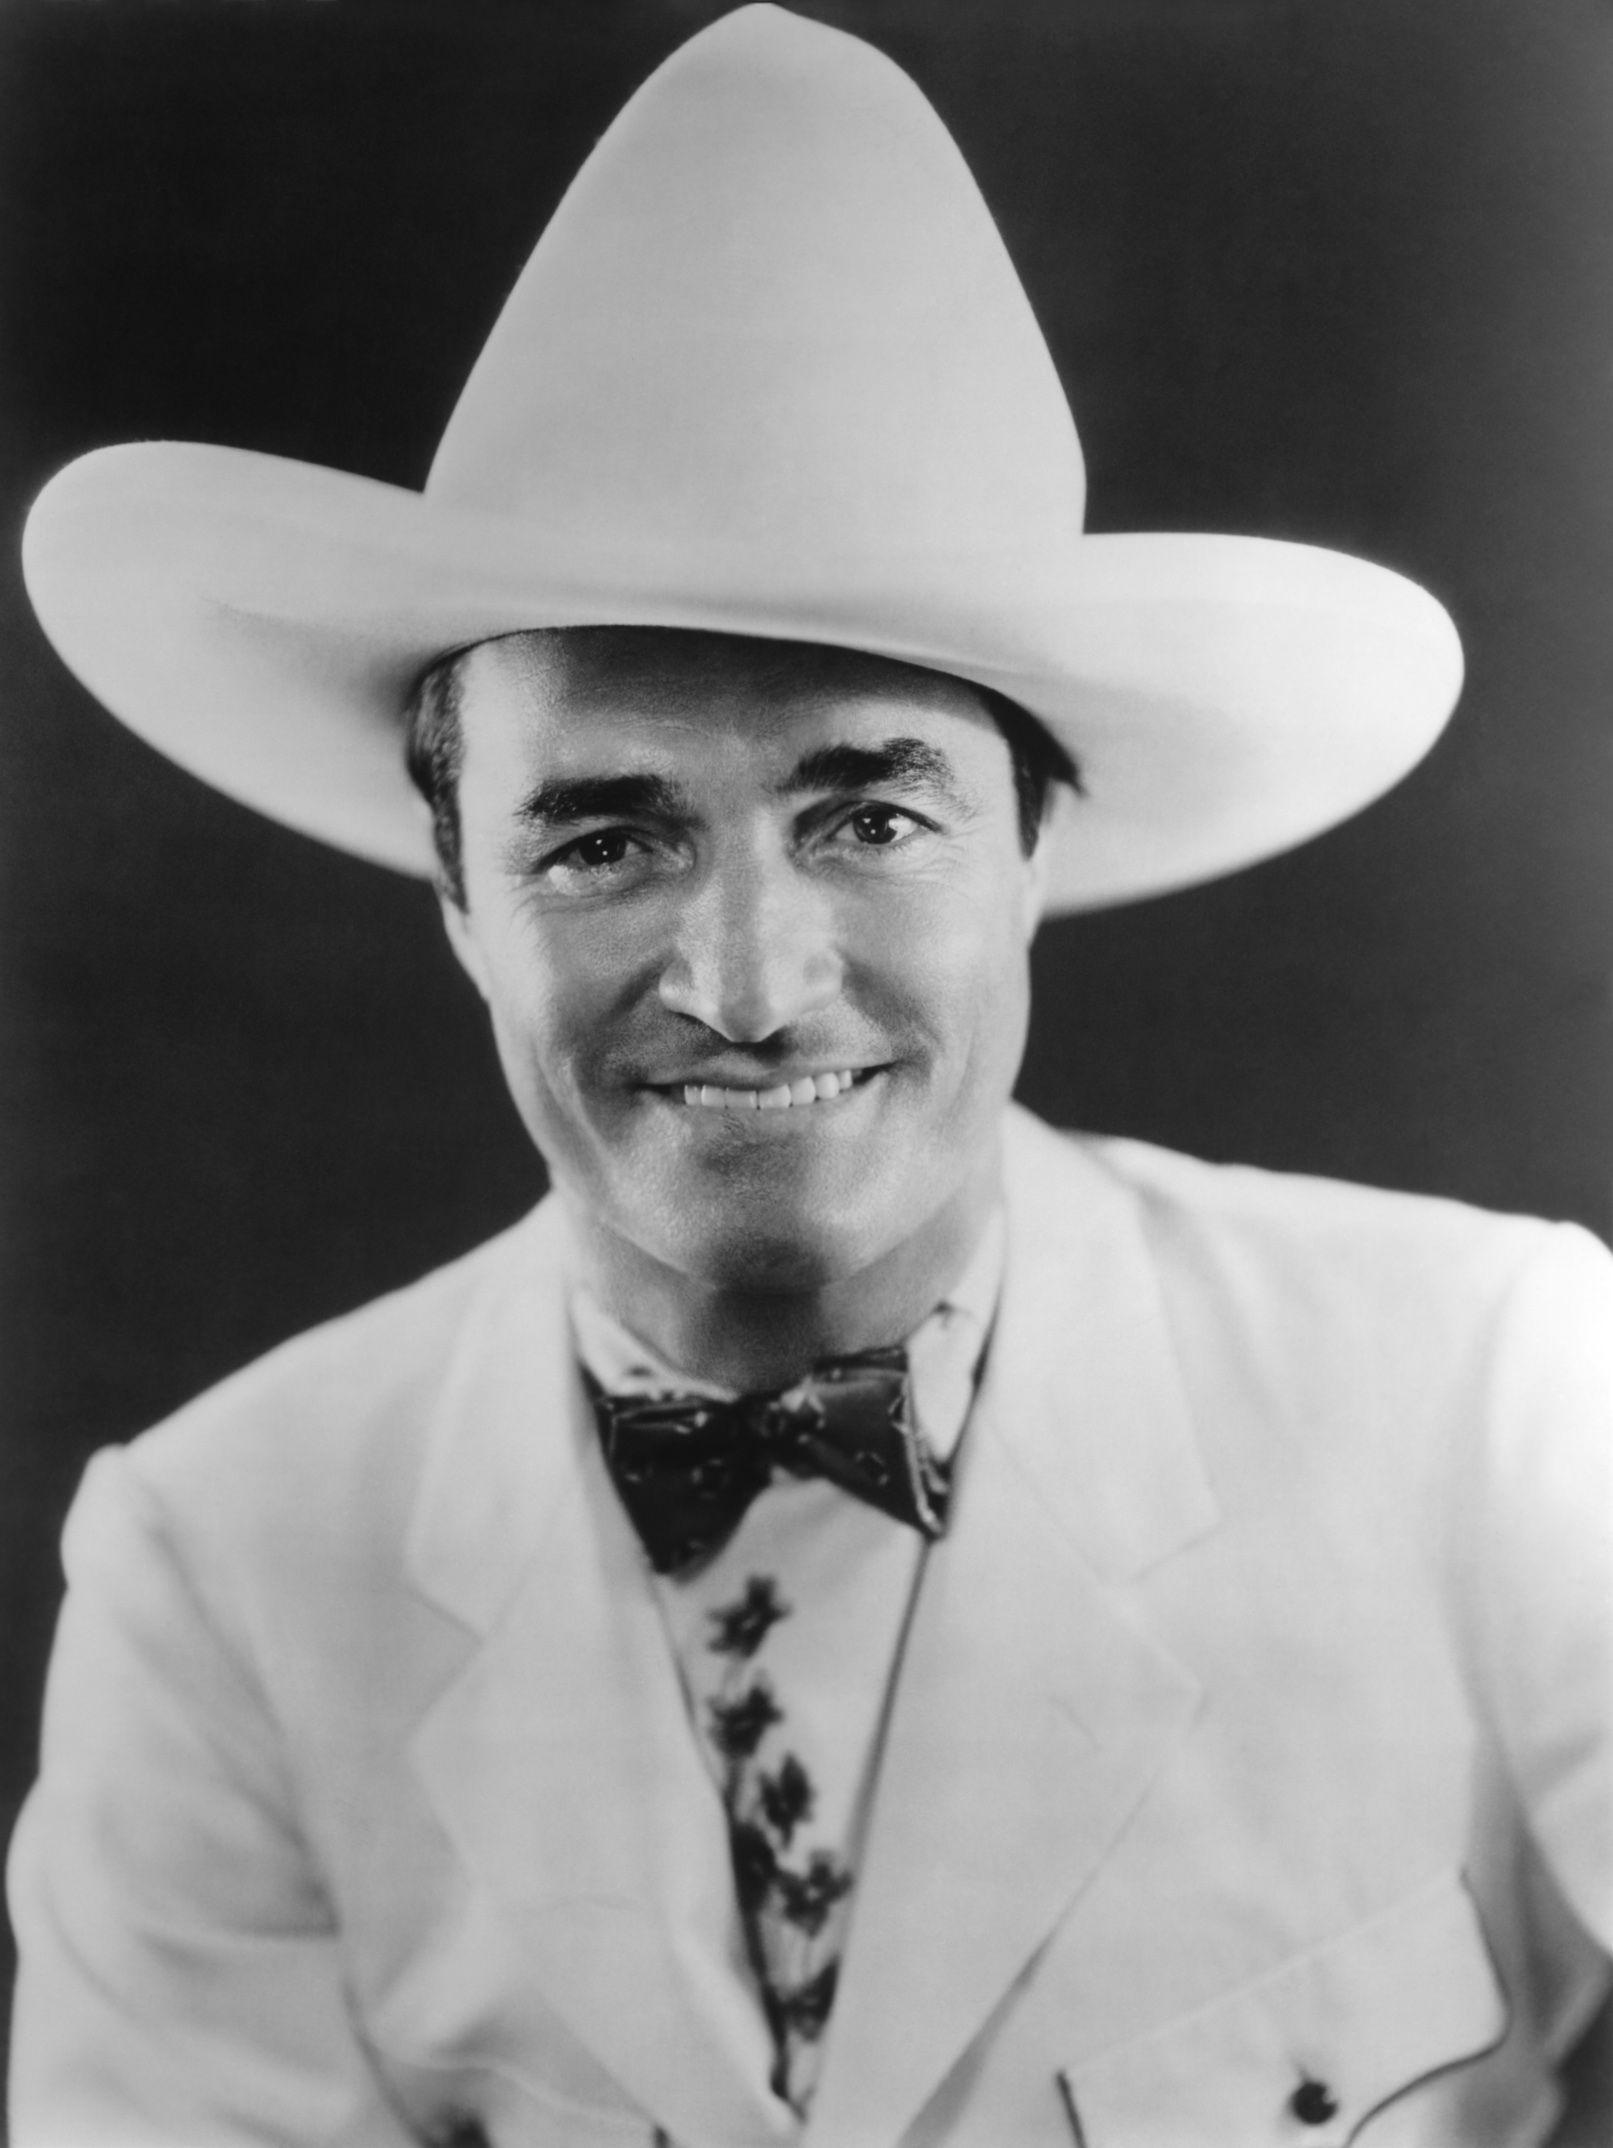 Tom Mix Cowboys Pinterest The oujays